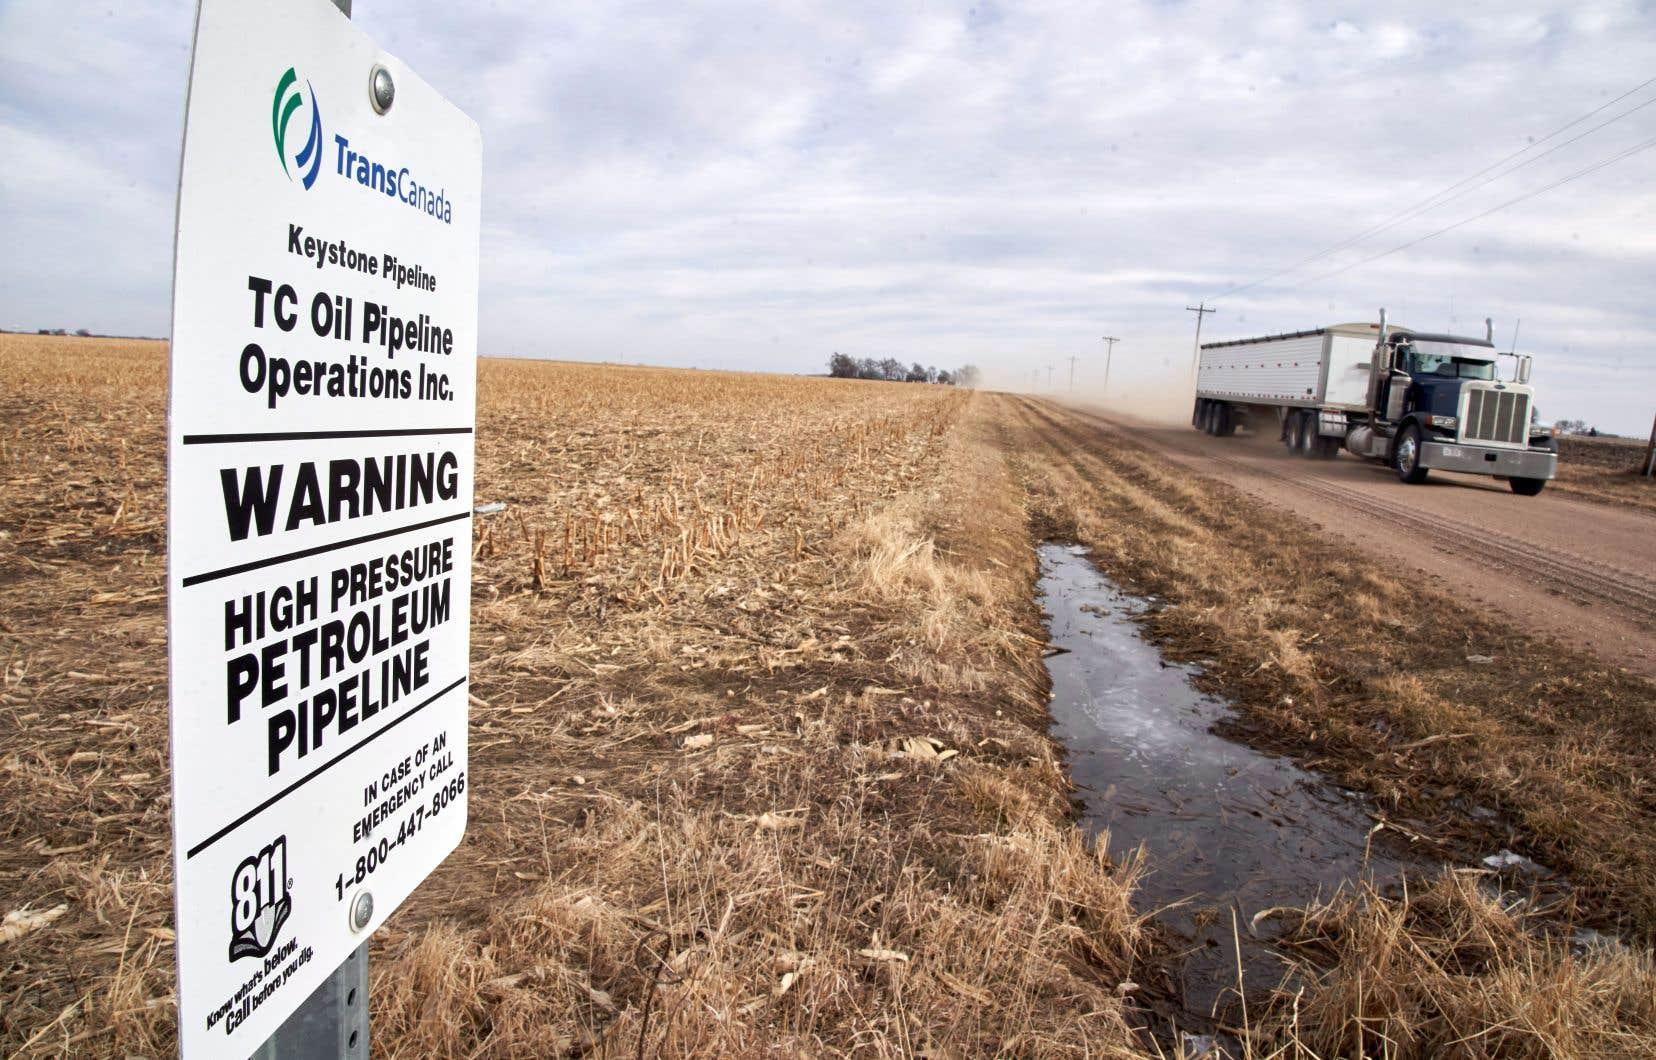 Washington veut accélérer le développement de projets industriels, comme les routes et les oléoducs, en réduisant les études d'impacts environnementaux.